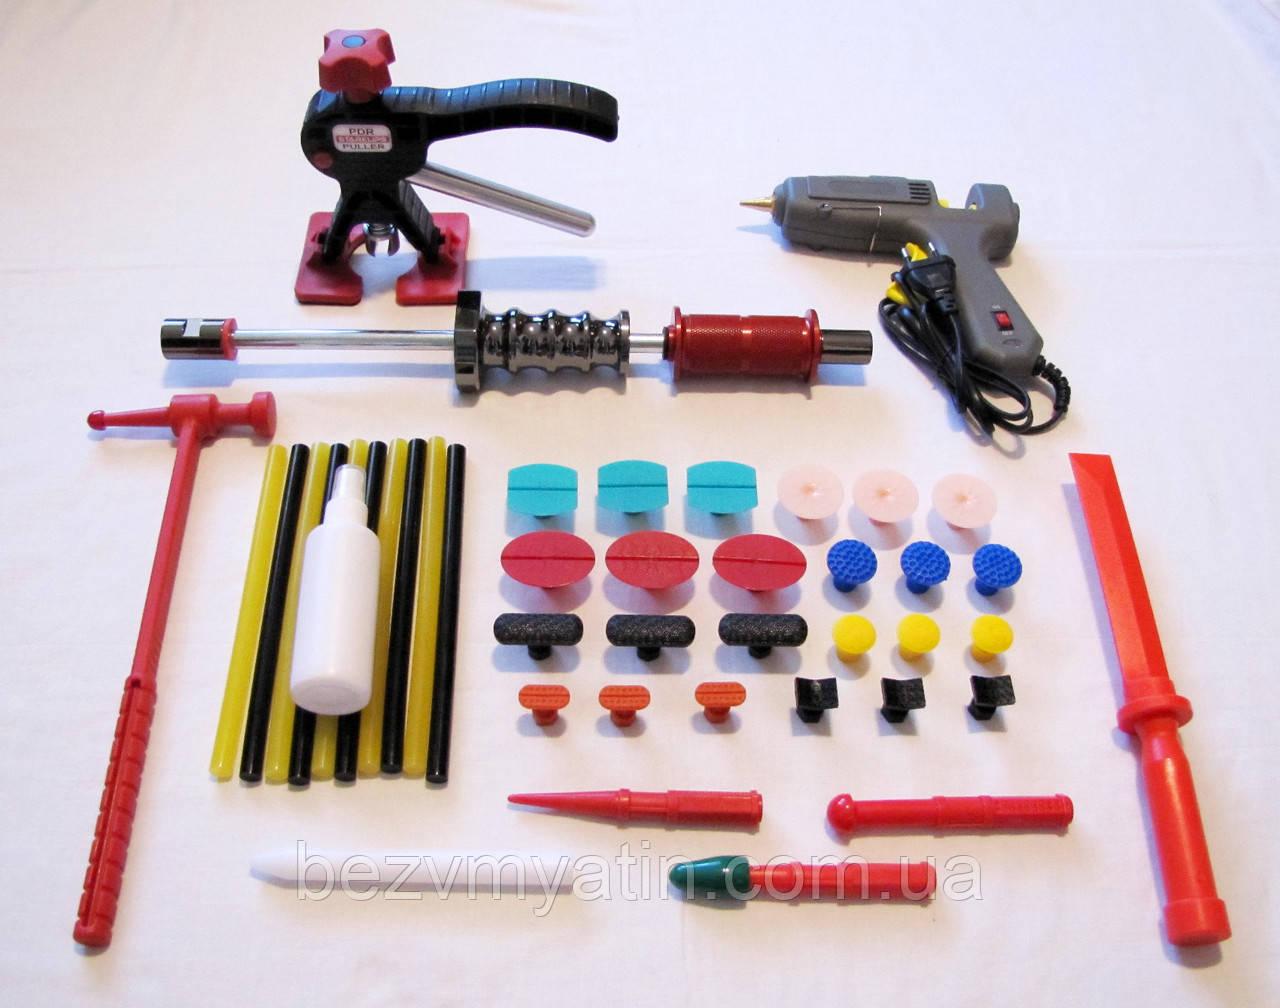 Инструмент PDR для ремонта вмятин без покраски, Клеевая система SK FULL Set Pro